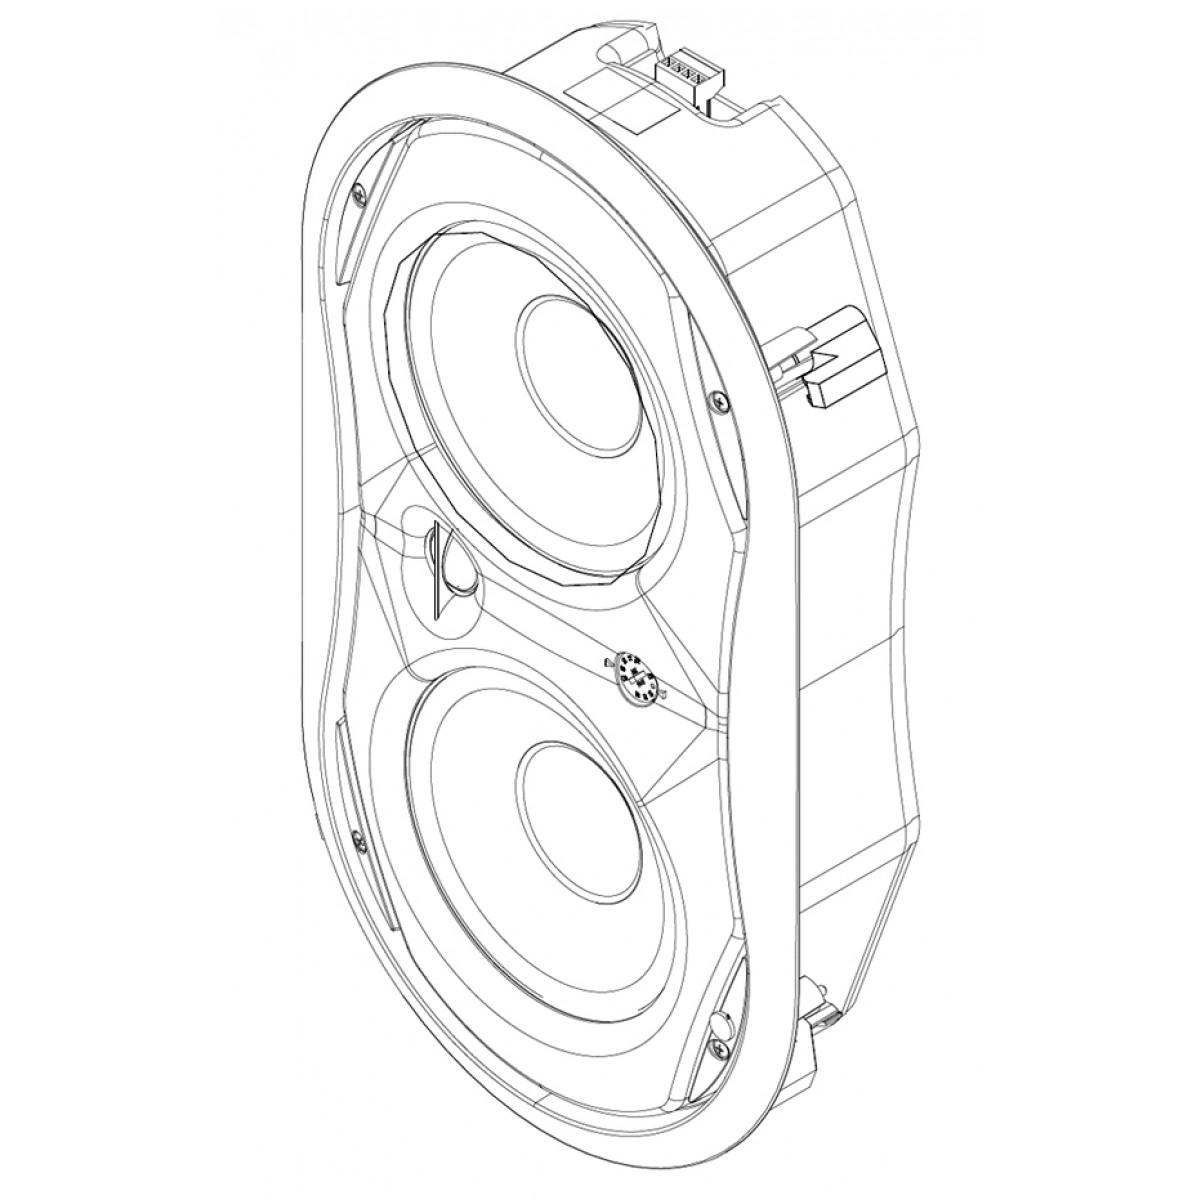 1200x1200 Electrovoice Ev Evid Fm 6.2 Flush Mount Speaker @ Commercial Audio